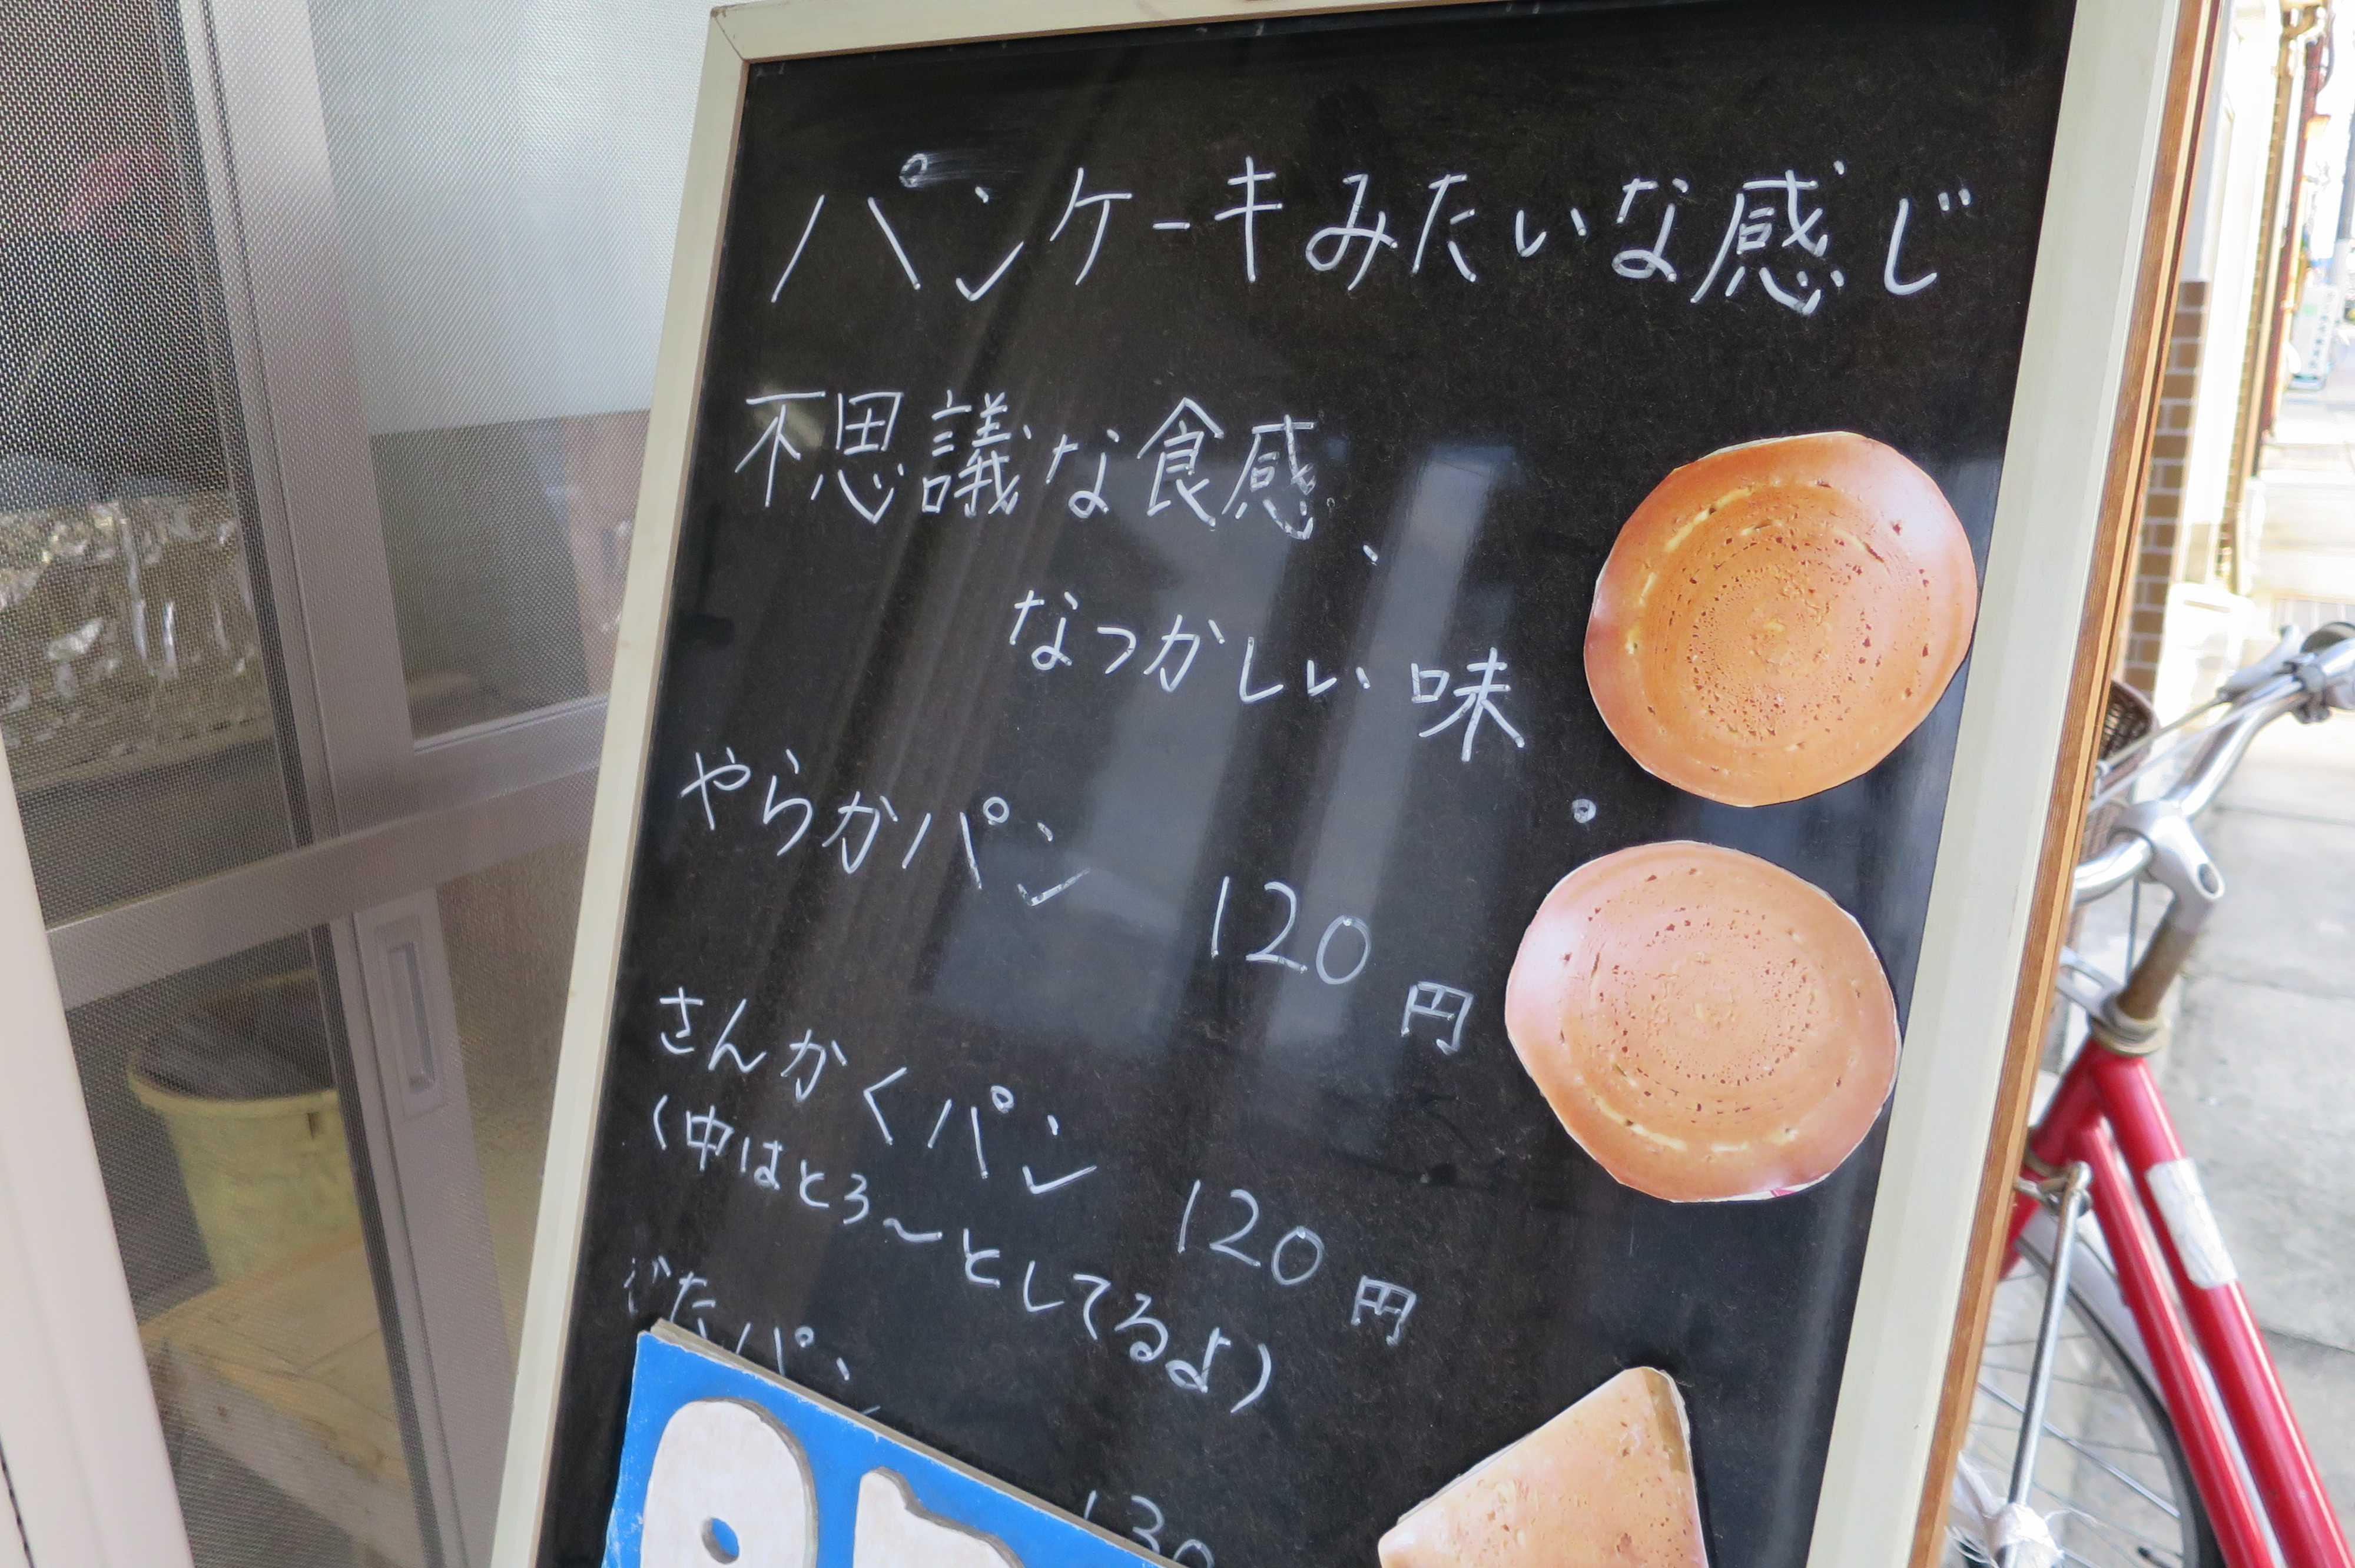 京都・山王地区 - なつかしい味 カタパン